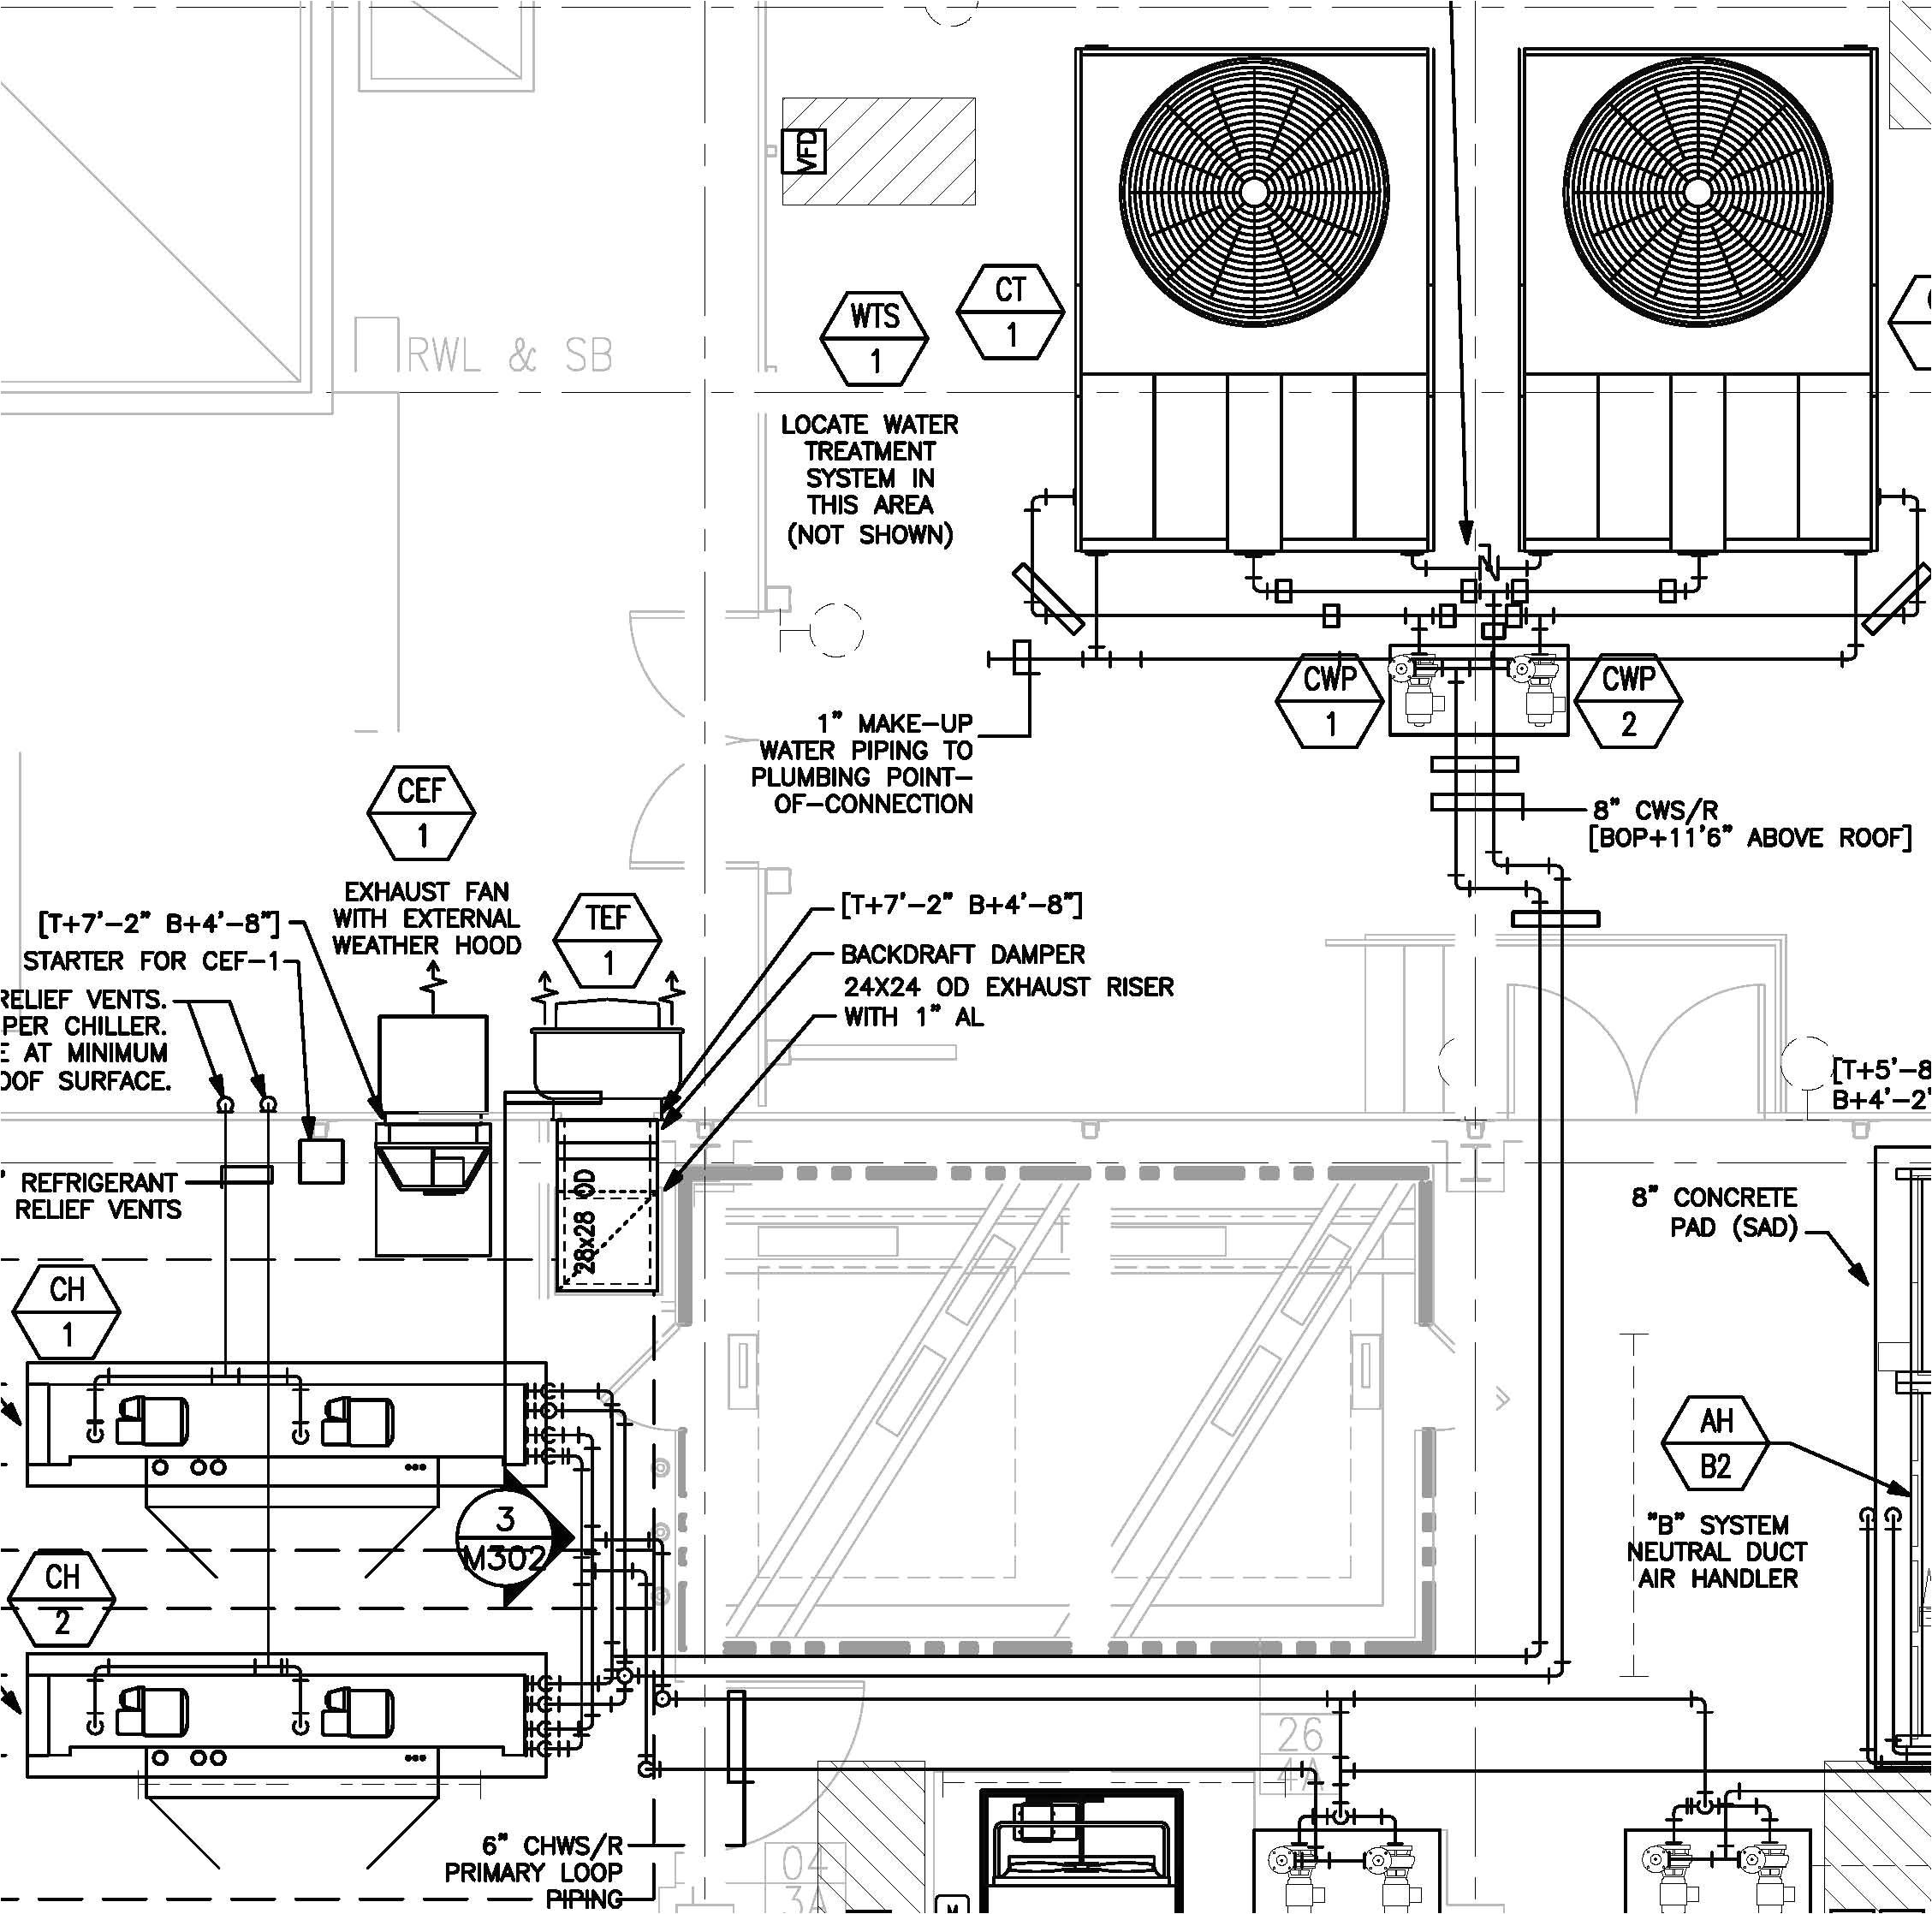 Heatcraft Wiring Diagram Basic Walk In Cooler Wiring Diagram Wiring Diagram Database